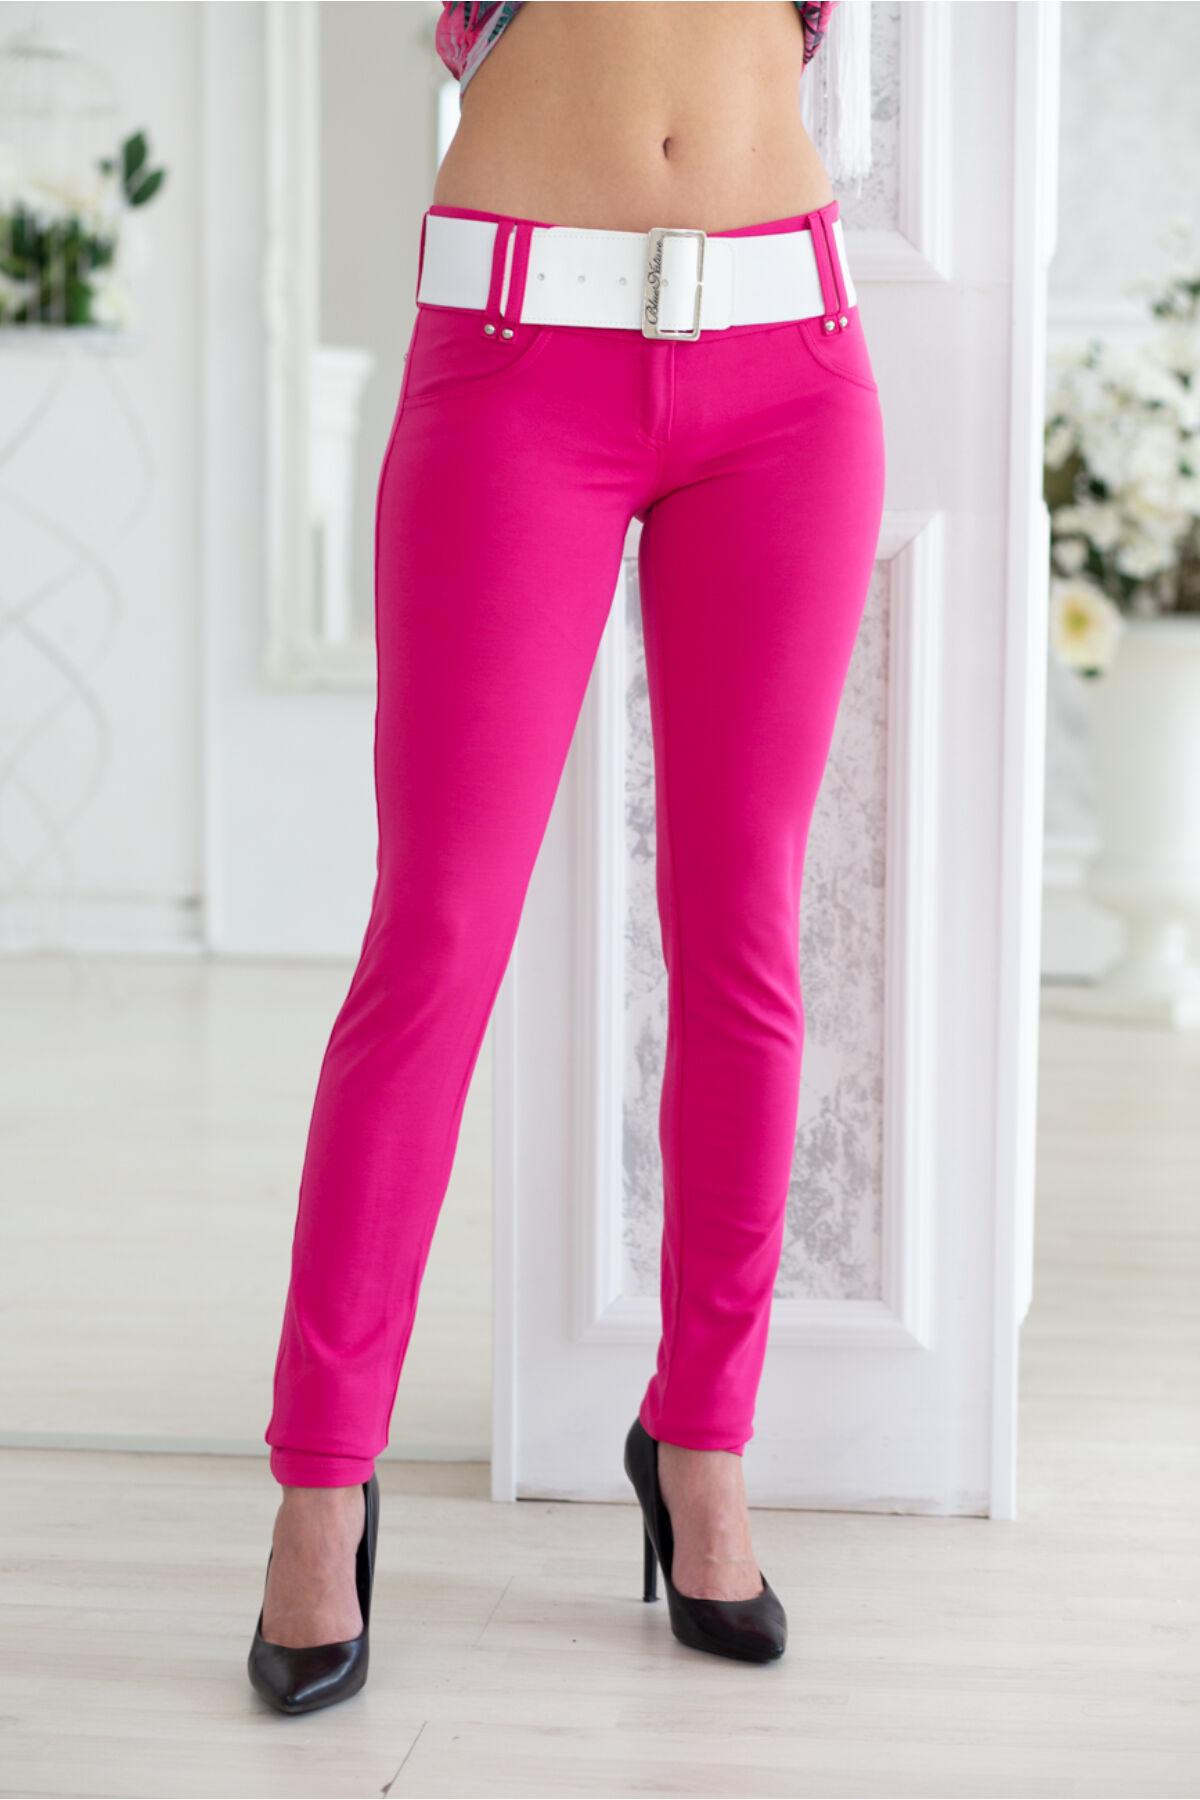 90b46d88a8 Öves puntó nadrág (elasztikus) - pink - Nadrágok, szoknyák - Blue ...